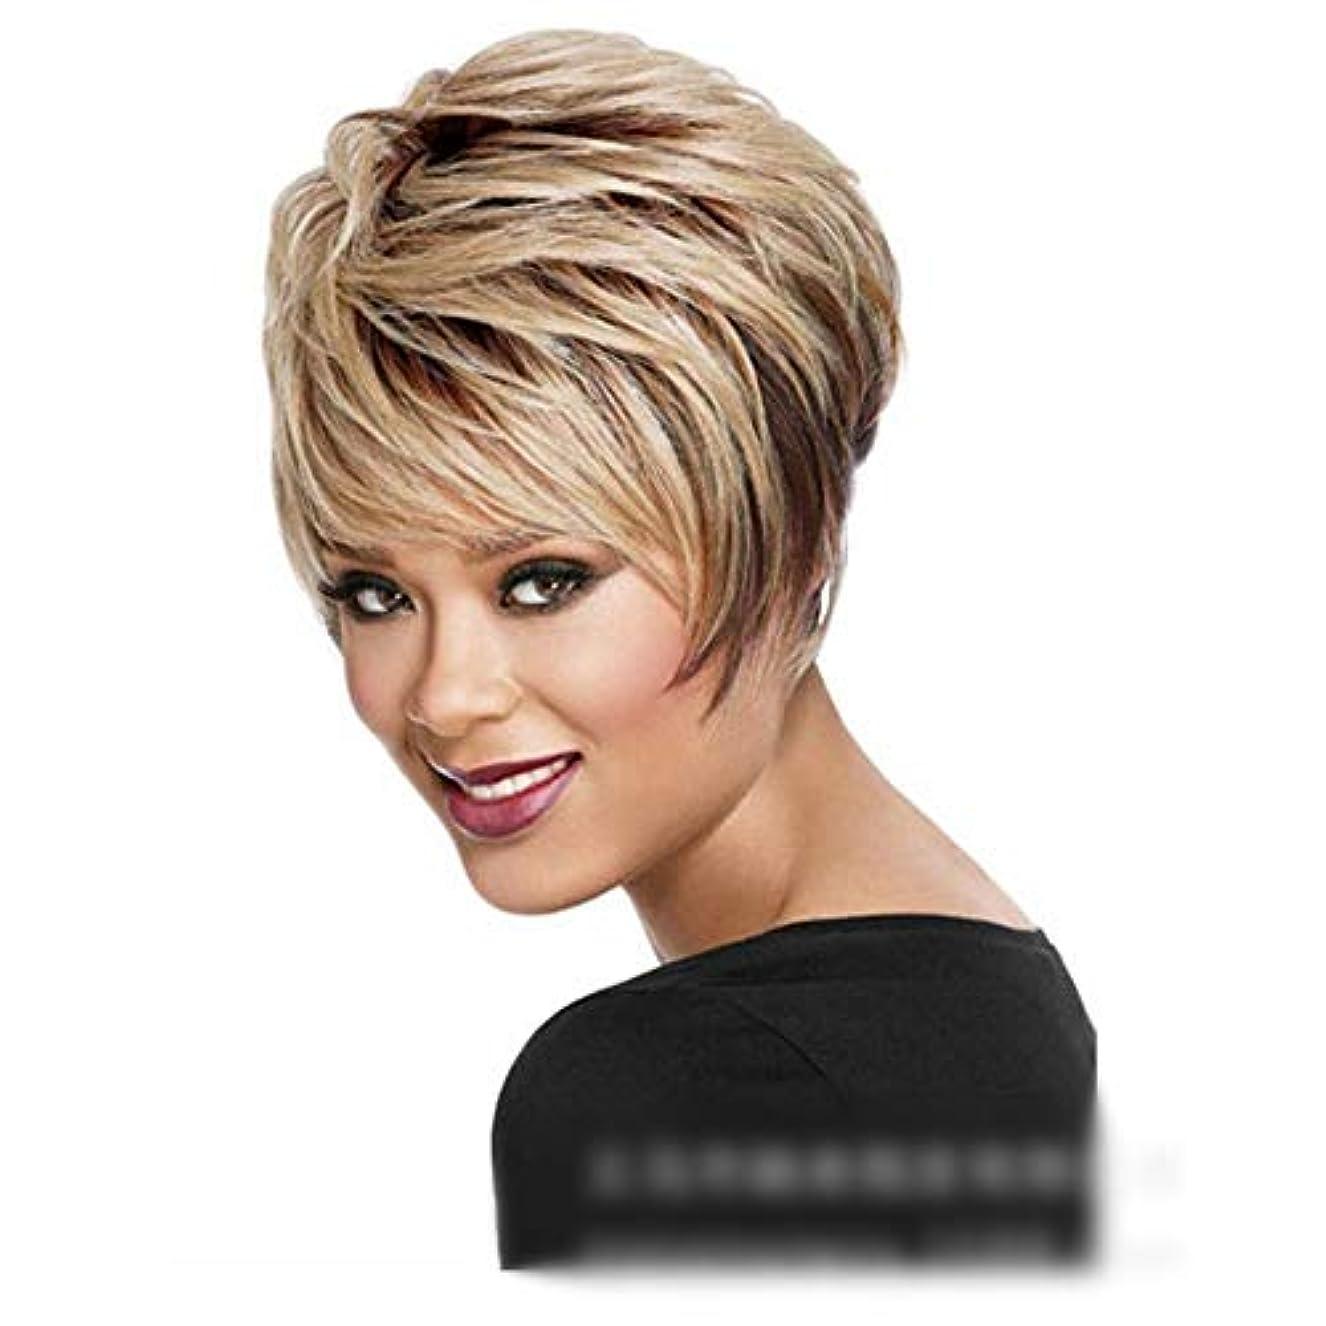 許容説教ピザYOUQIU 女性のかつらのためにブロンドのかつらふわふわショートカーリーヘアナチュラル人工毛 (色 : Blonde)